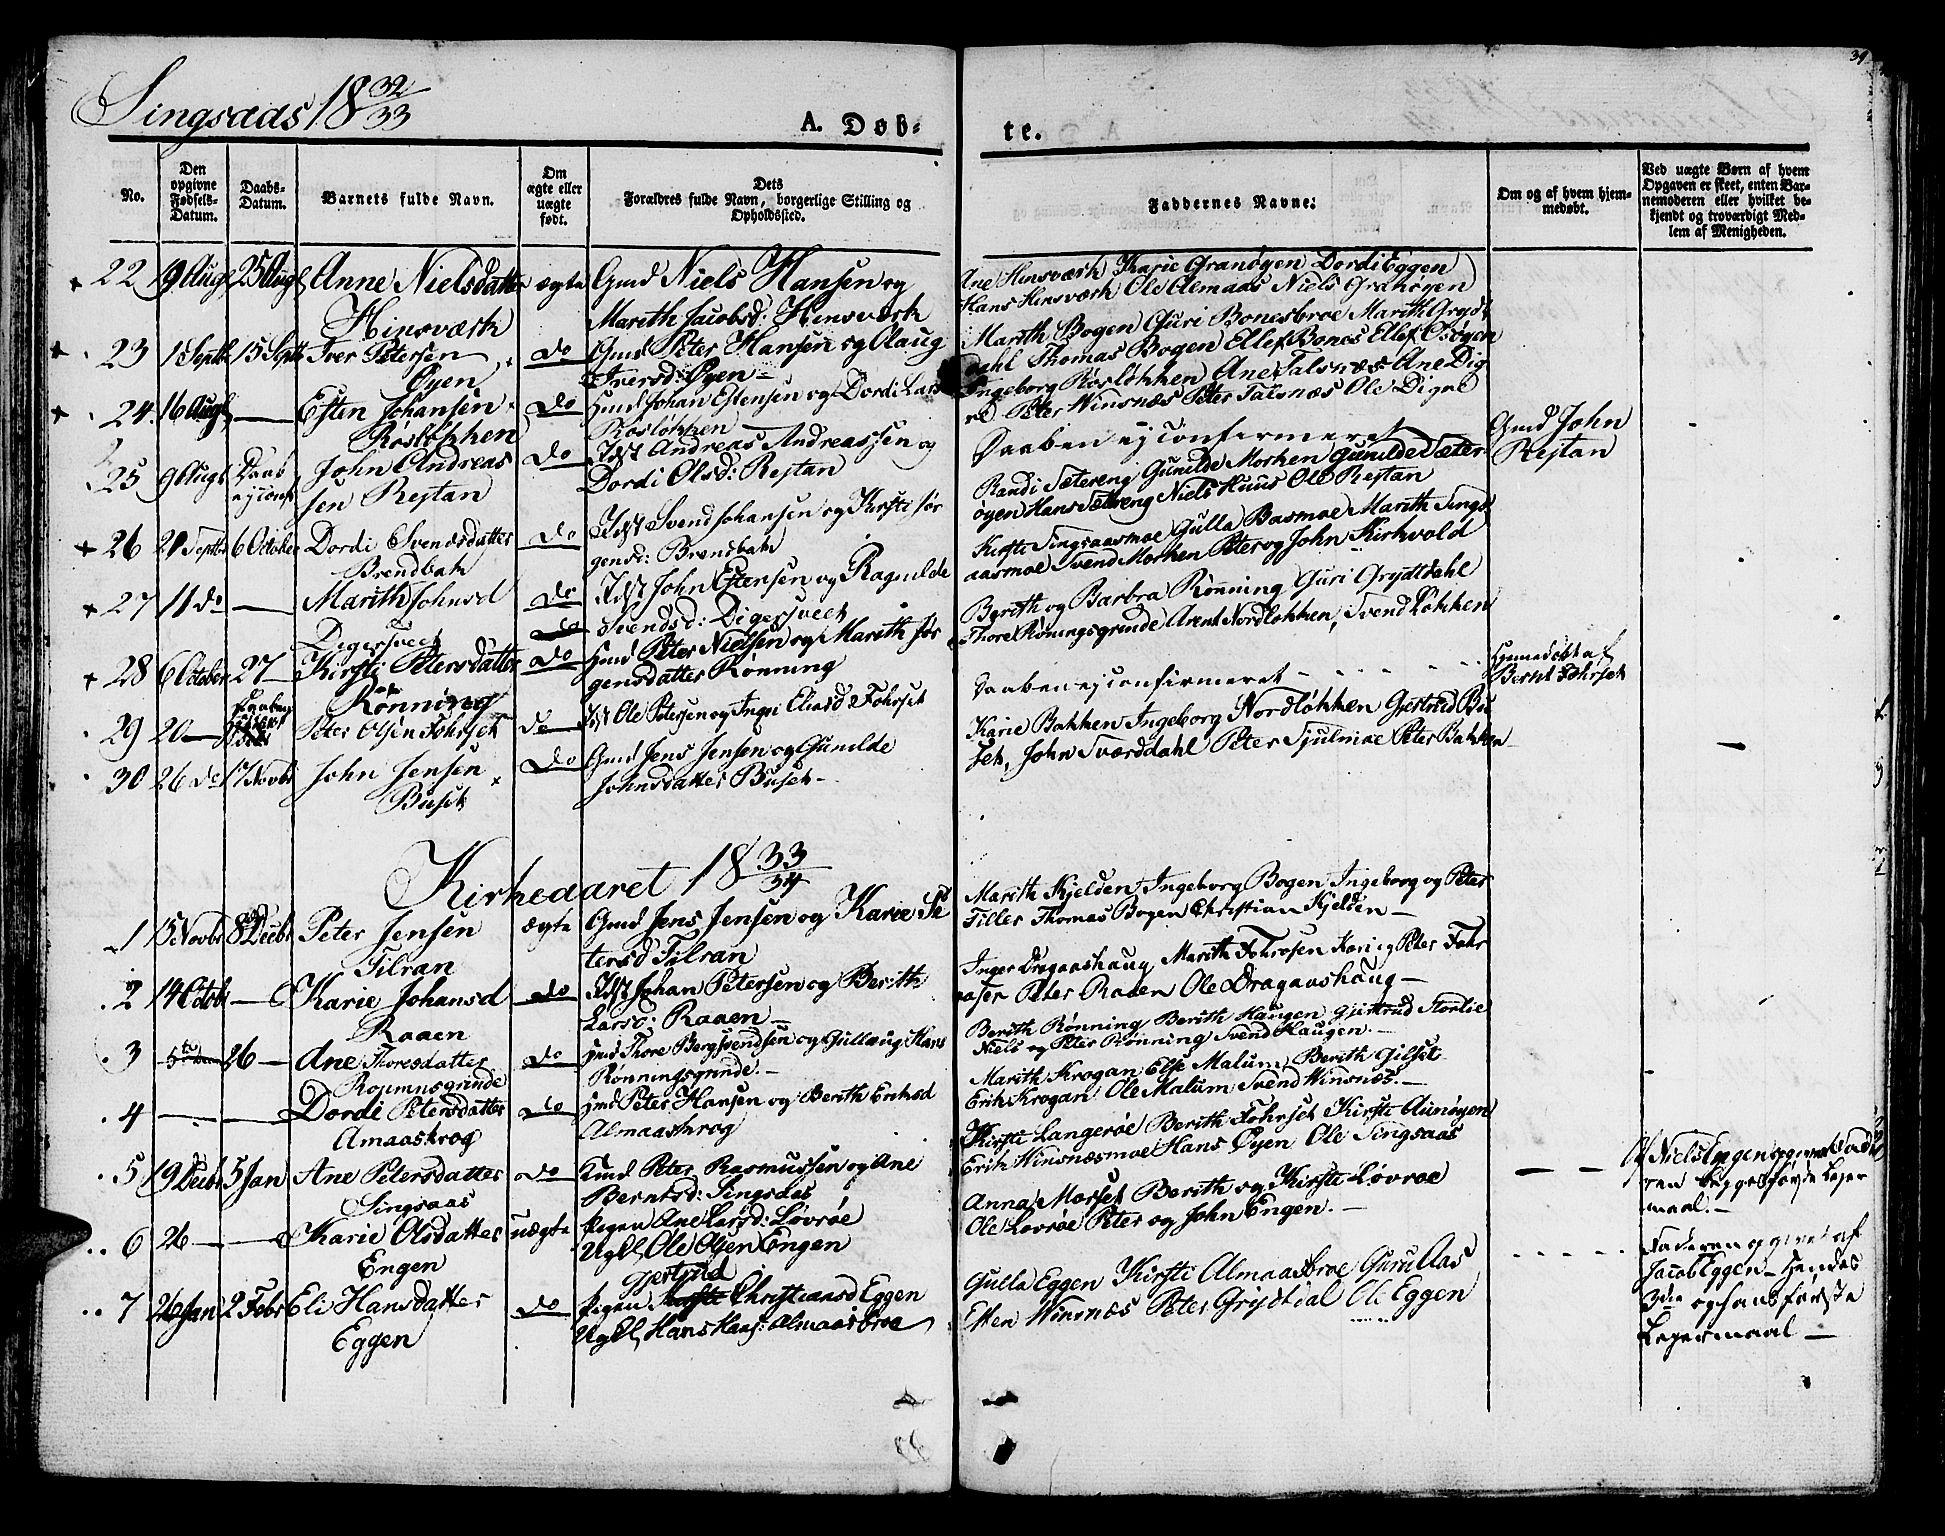 SAT, Ministerialprotokoller, klokkerbøker og fødselsregistre - Sør-Trøndelag, 685/L0958: Ministerialbok nr. 685A04 /2, 1829-1845, s. 39